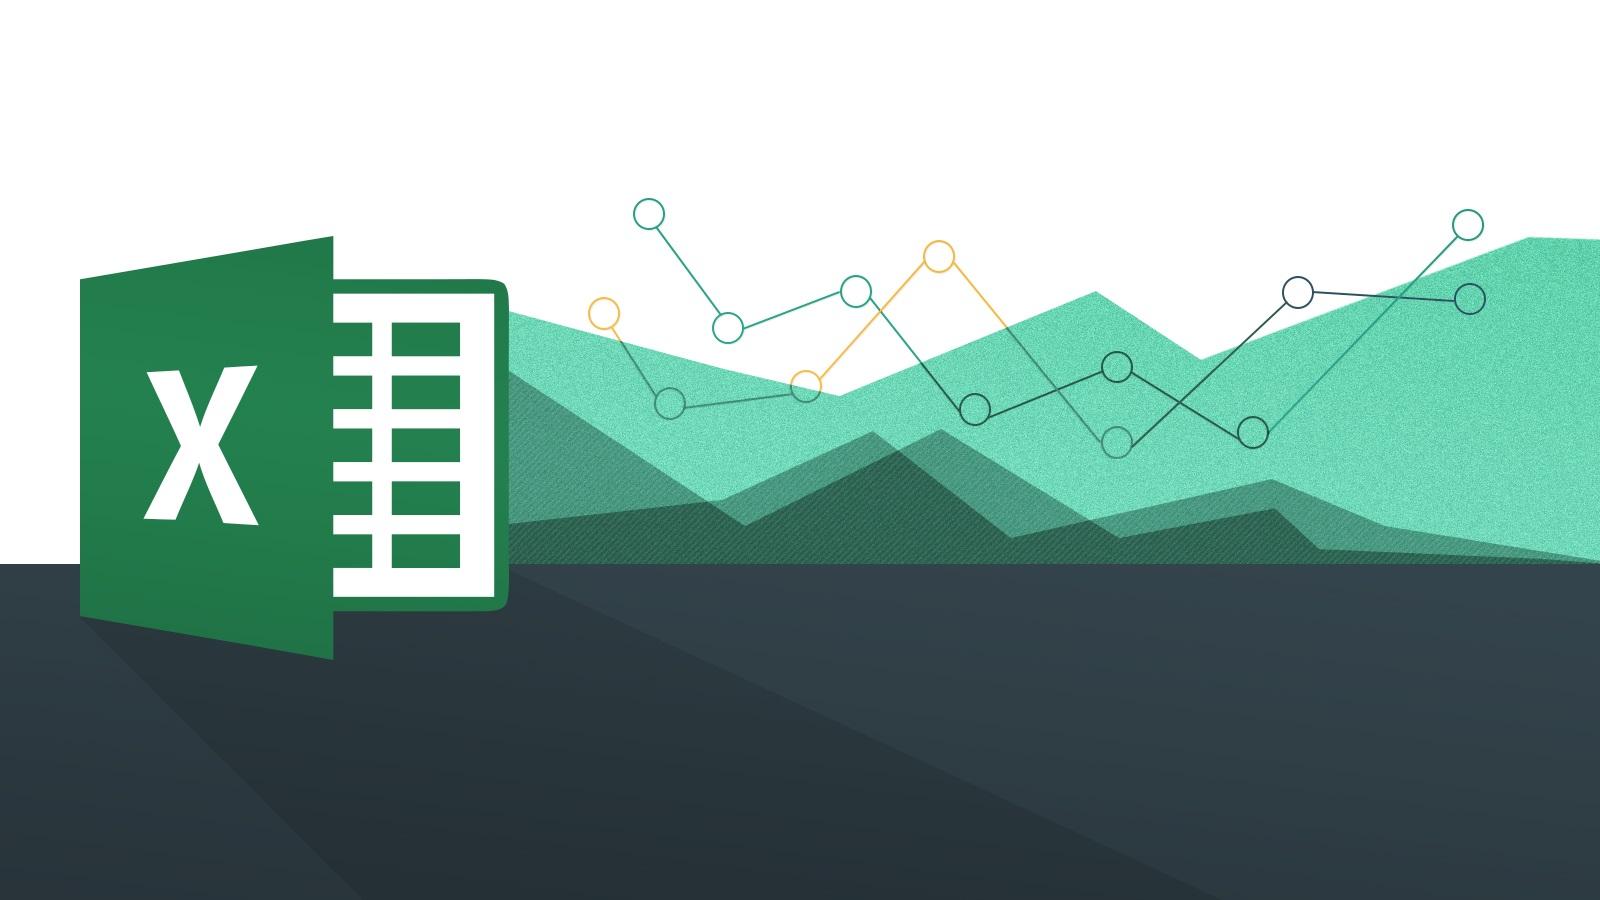 Hướng dẫn bạn thiết kế mẫu Timeline công việc bằng Excel